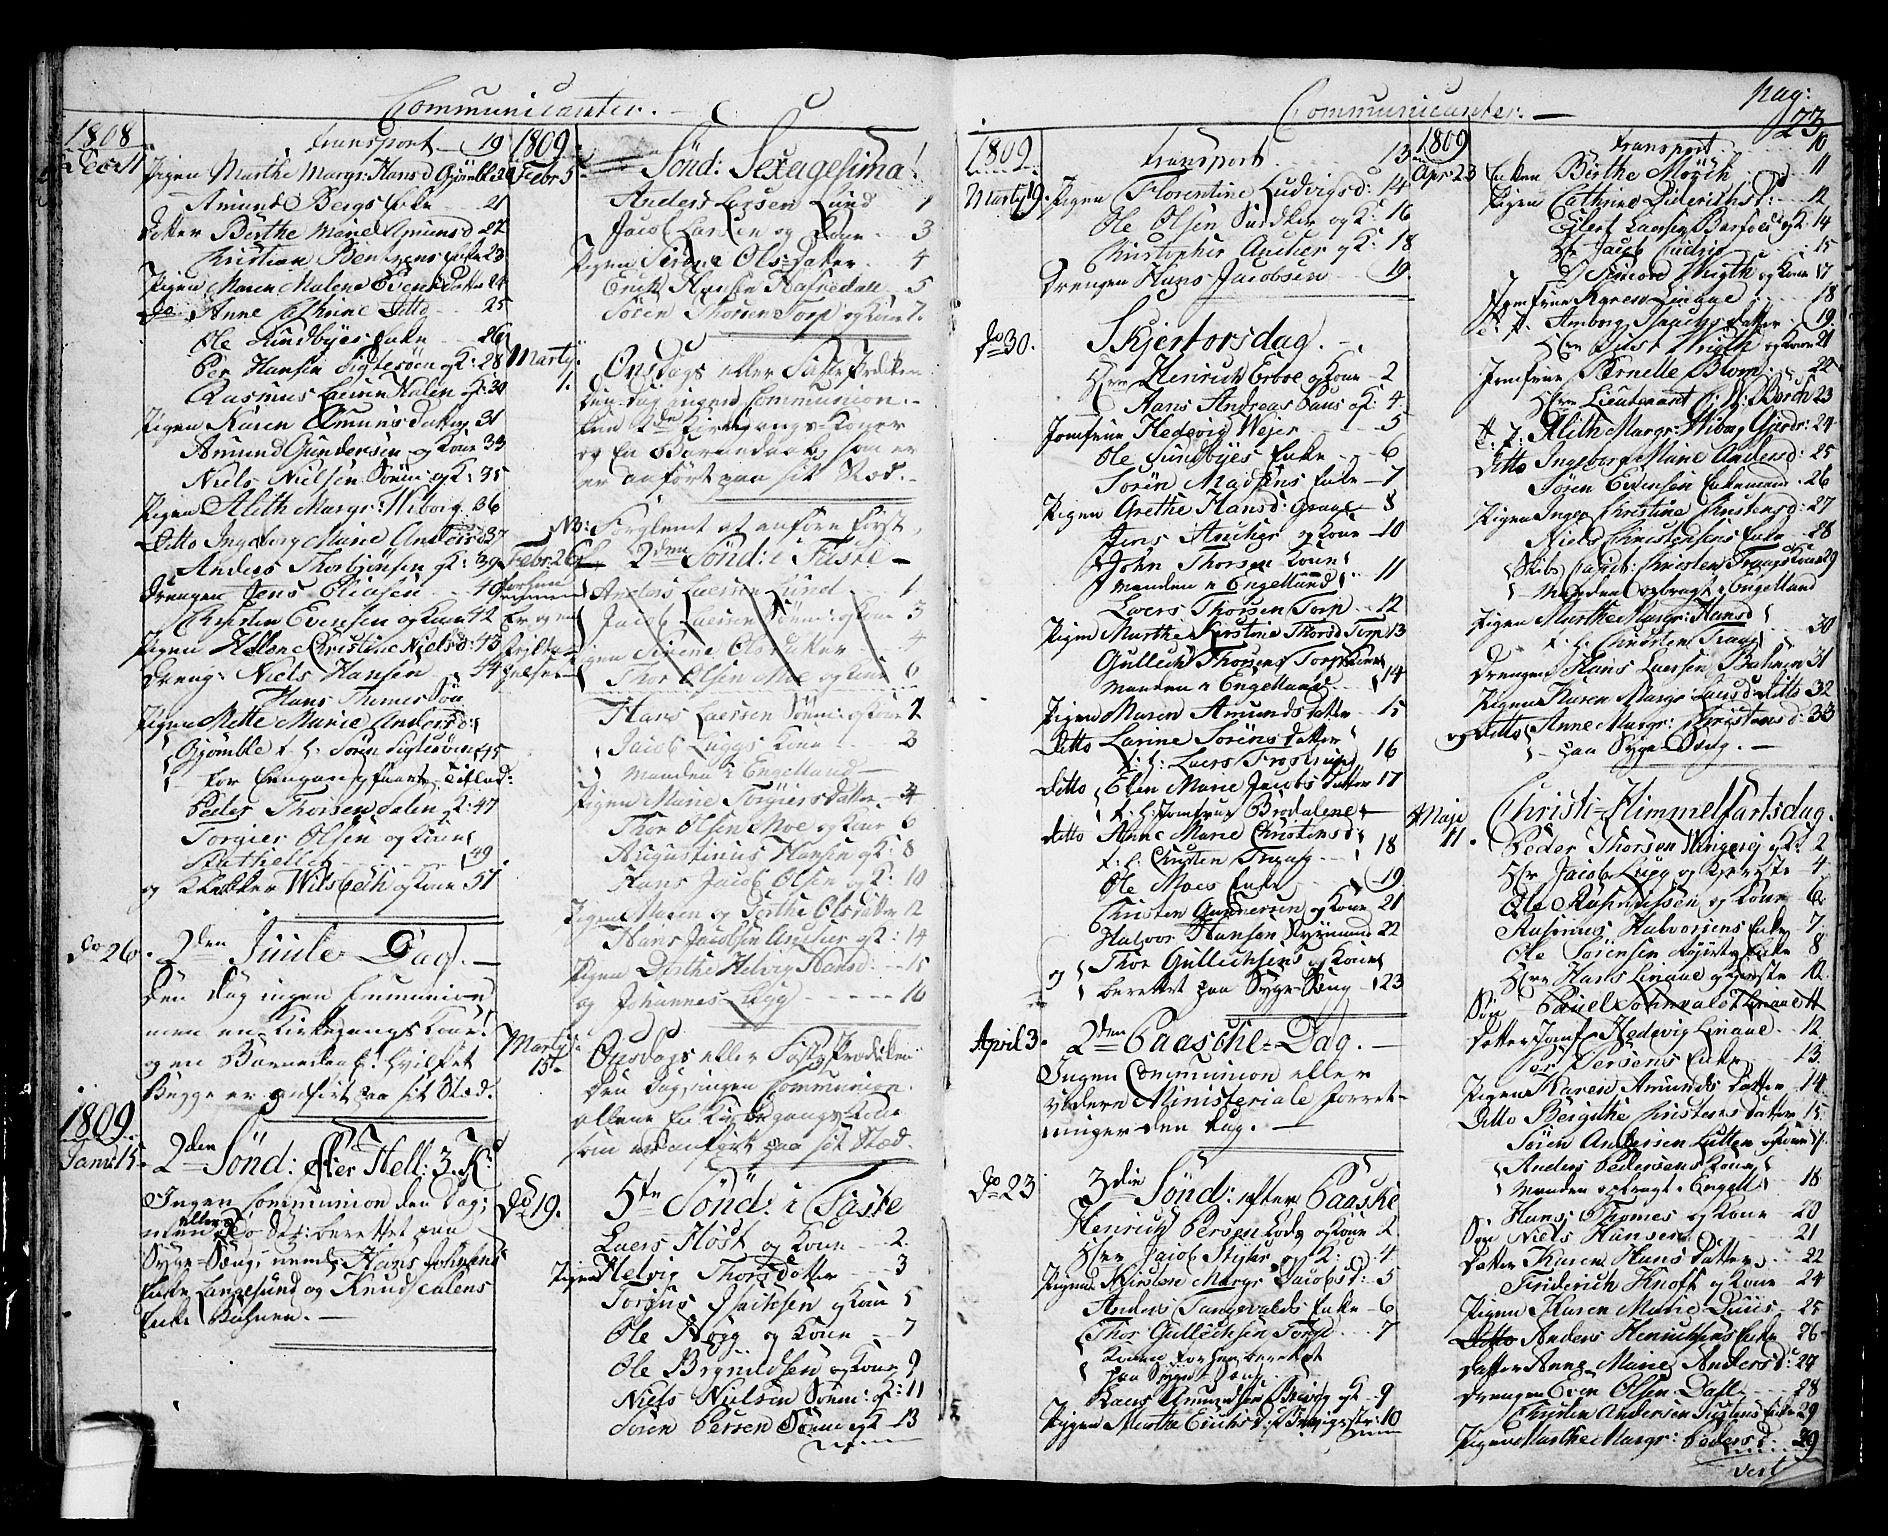 SAKO, Langesund kirkebøker, G/Ga/L0002: Klokkerbok nr. 2, 1801-1815, s. 23